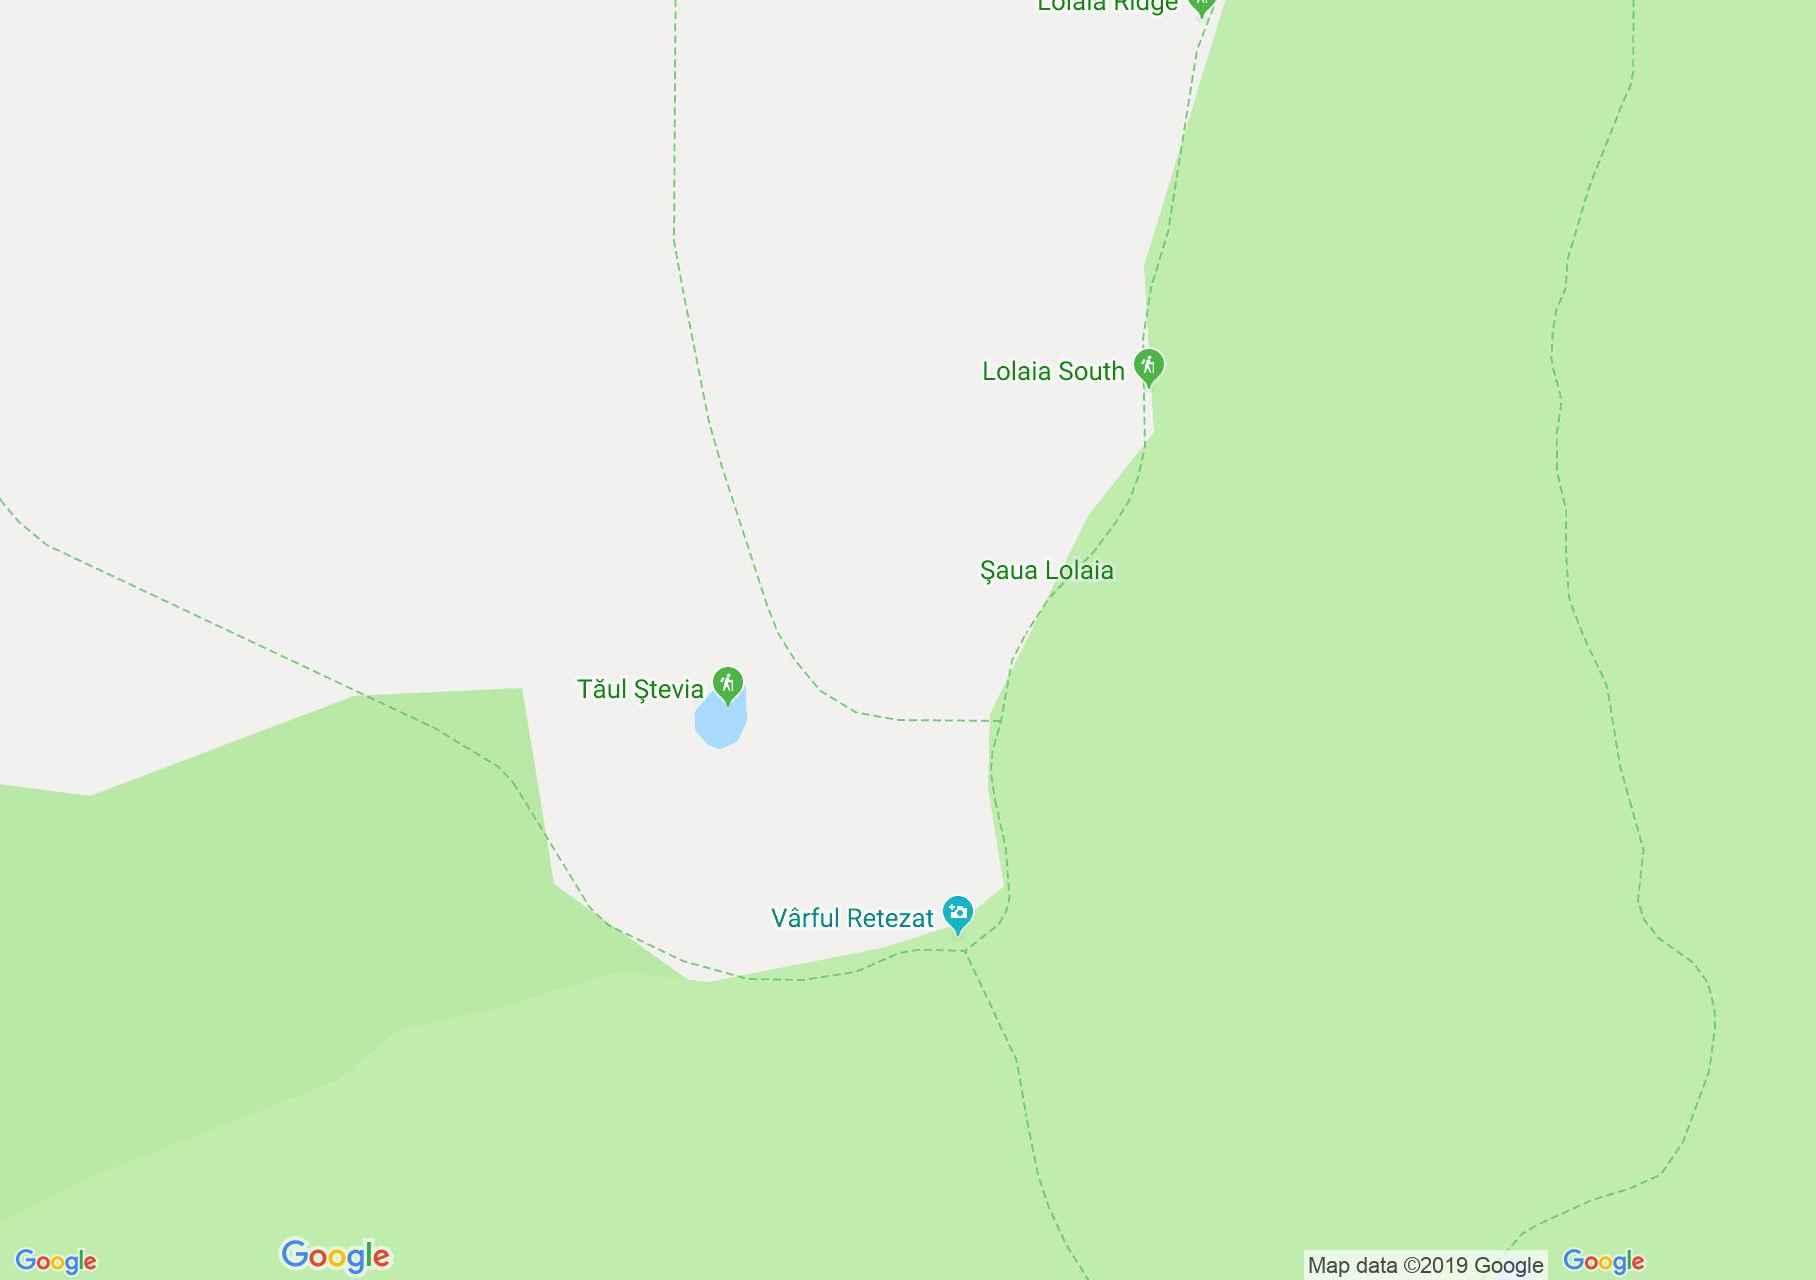 Retyezát hegység: Retezát csúcs (térkép)